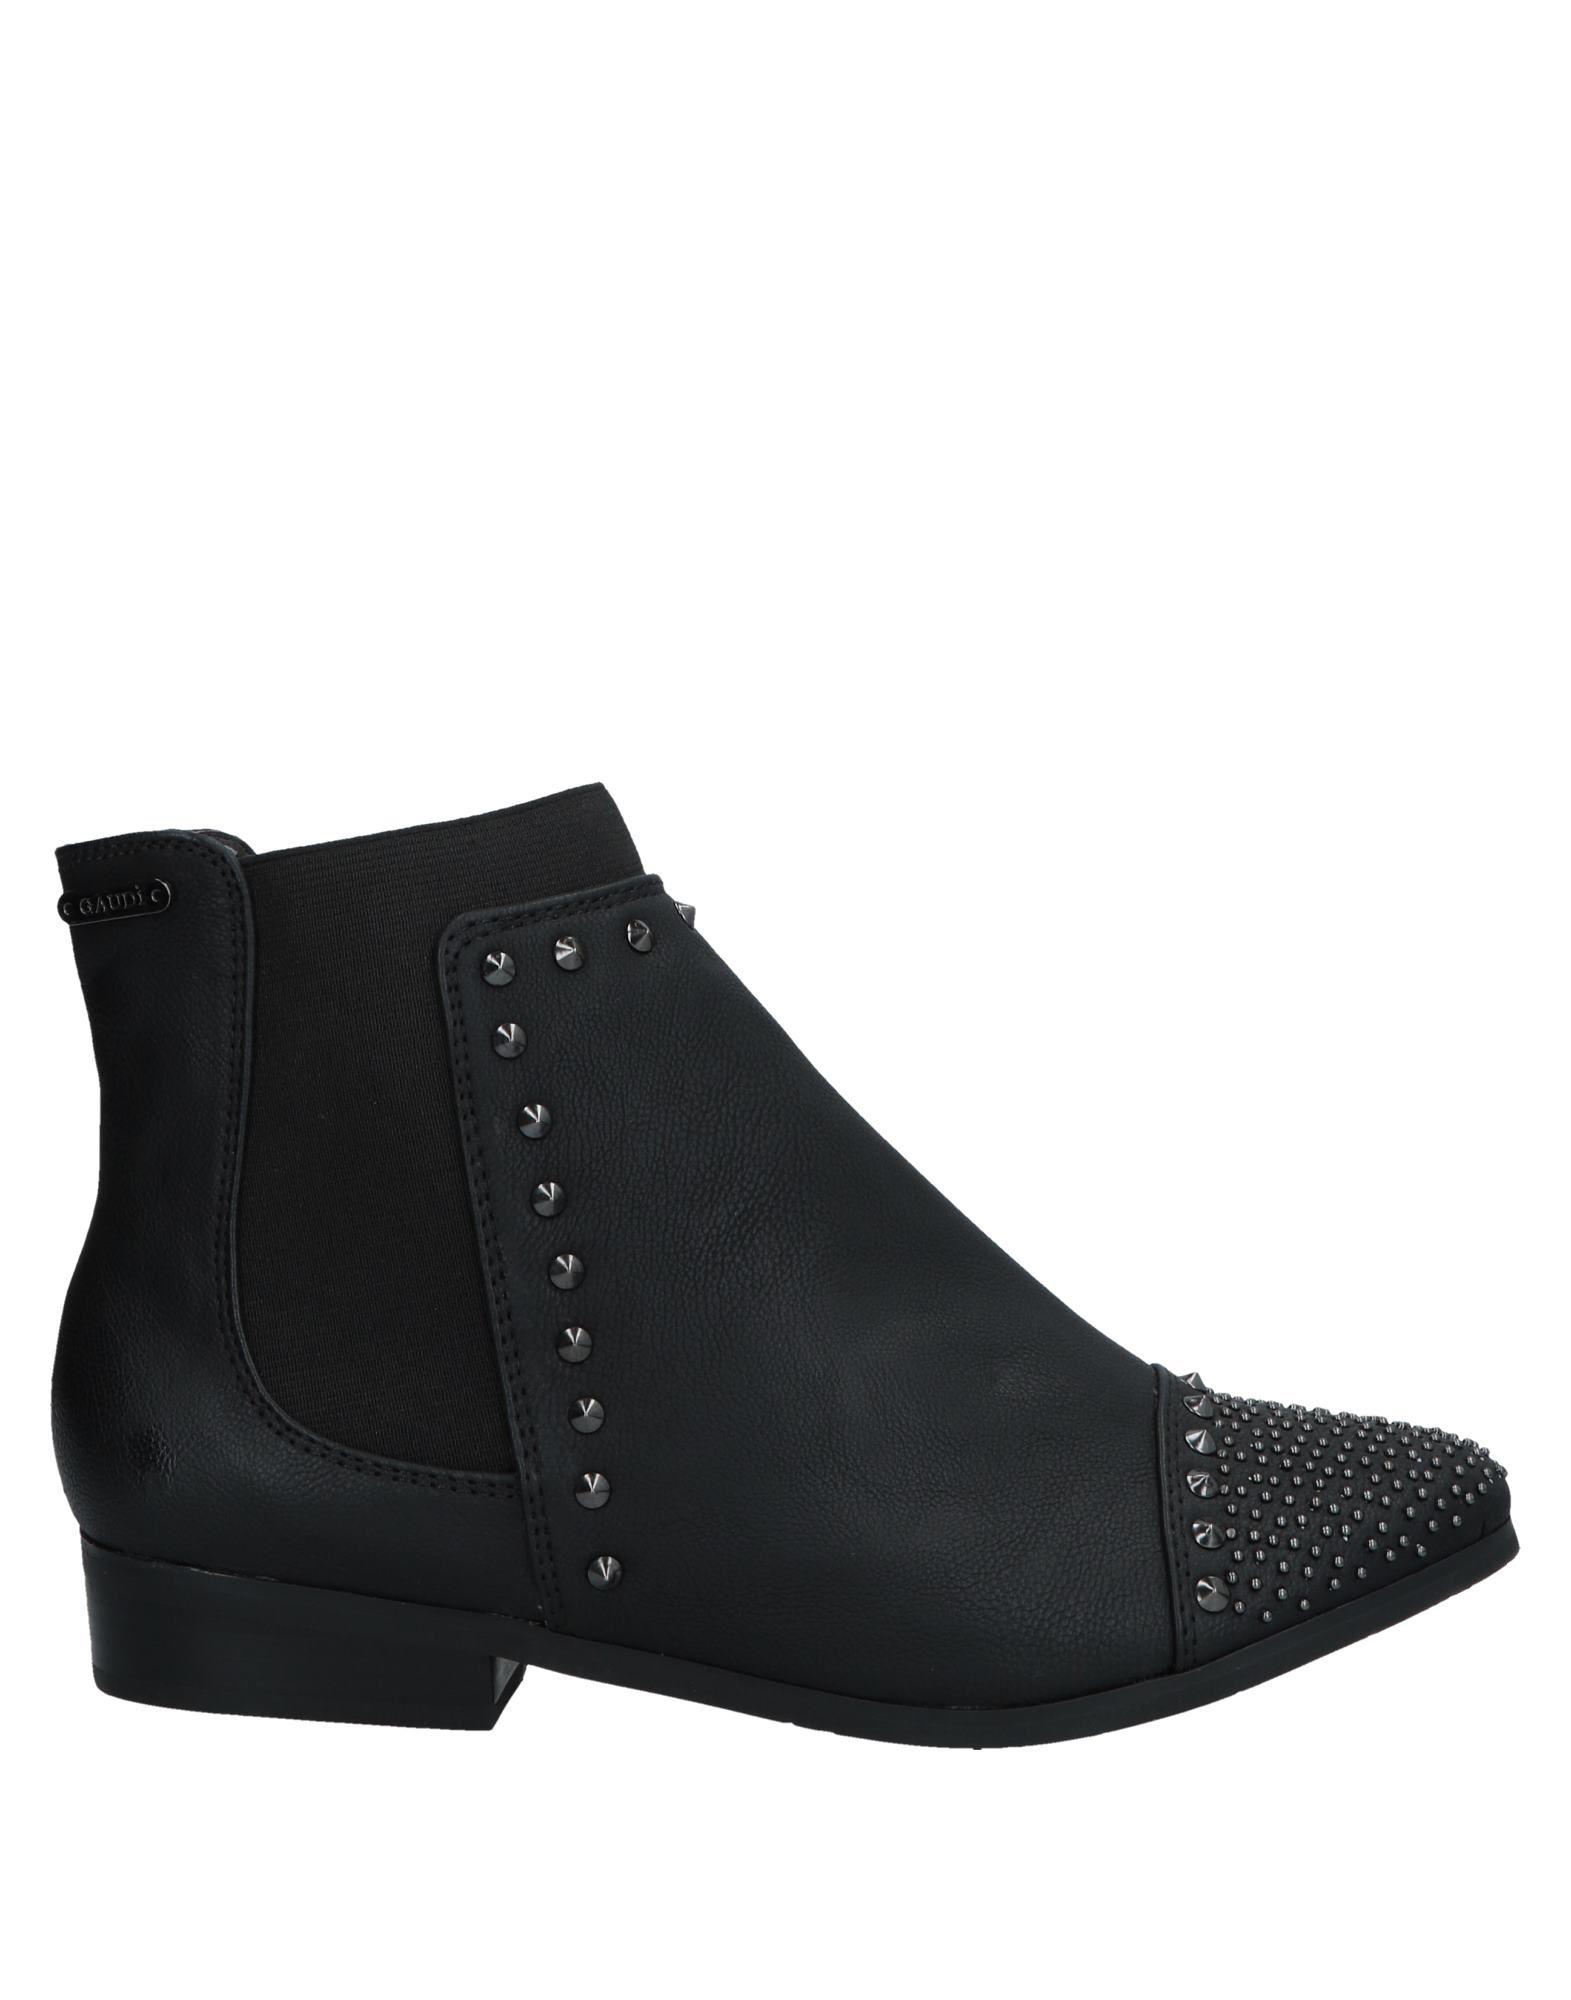 GAUDÌ Полусапоги и высокие ботинки joyks полусапоги и высокие ботинки